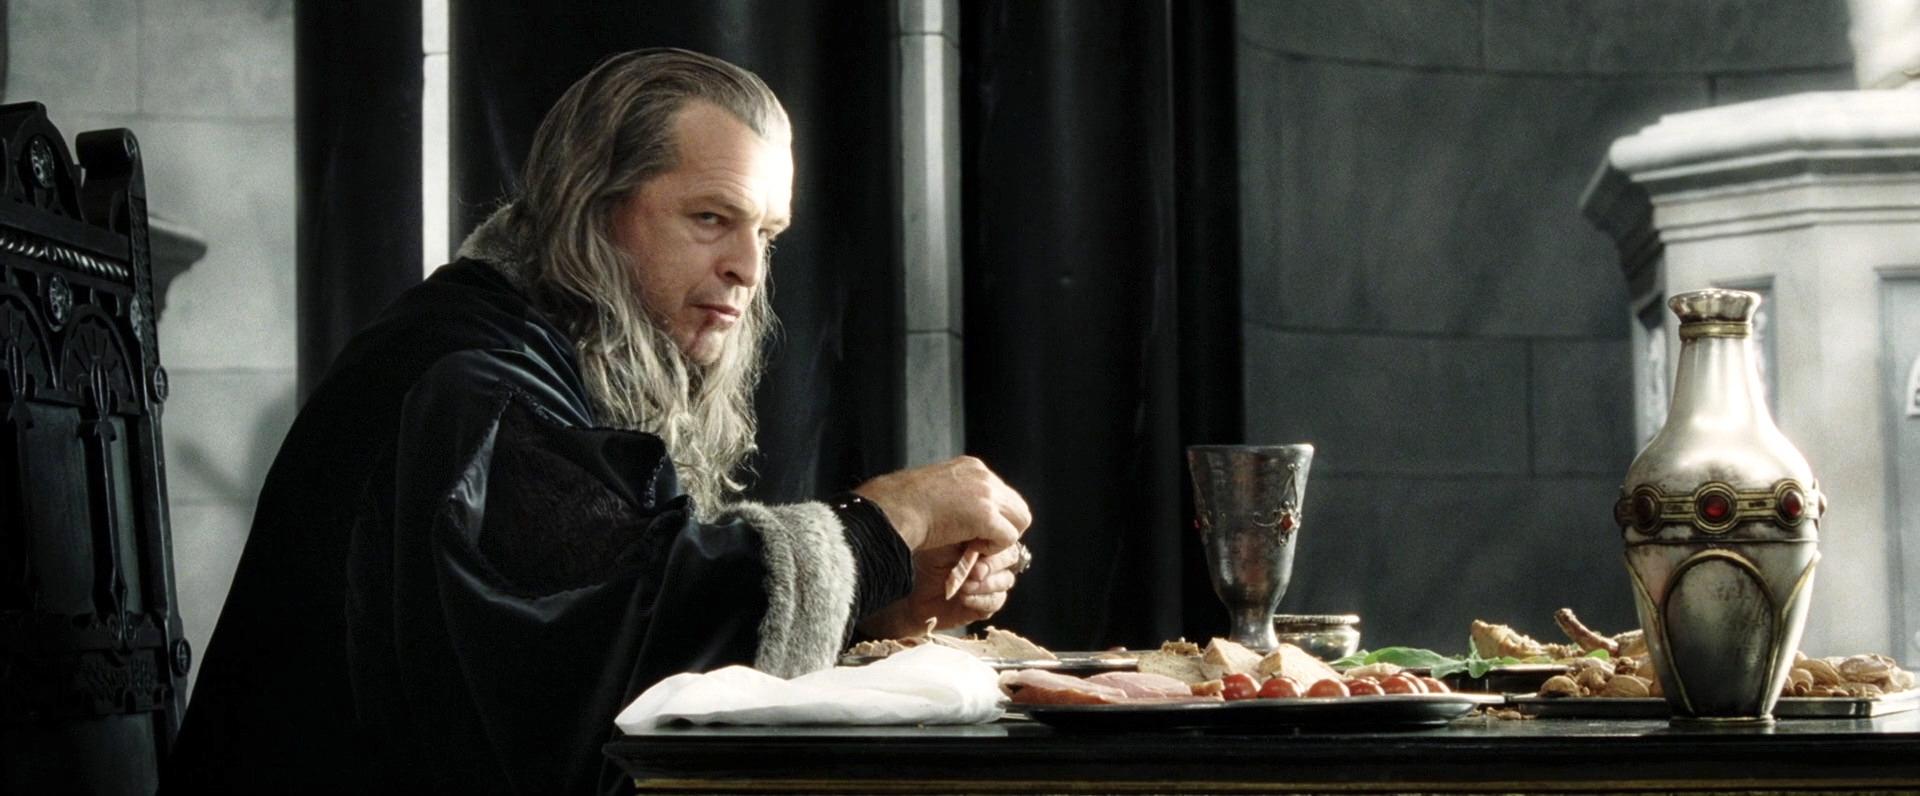 John Noble as Denethor, Steward of Gondor in The Return of the King.